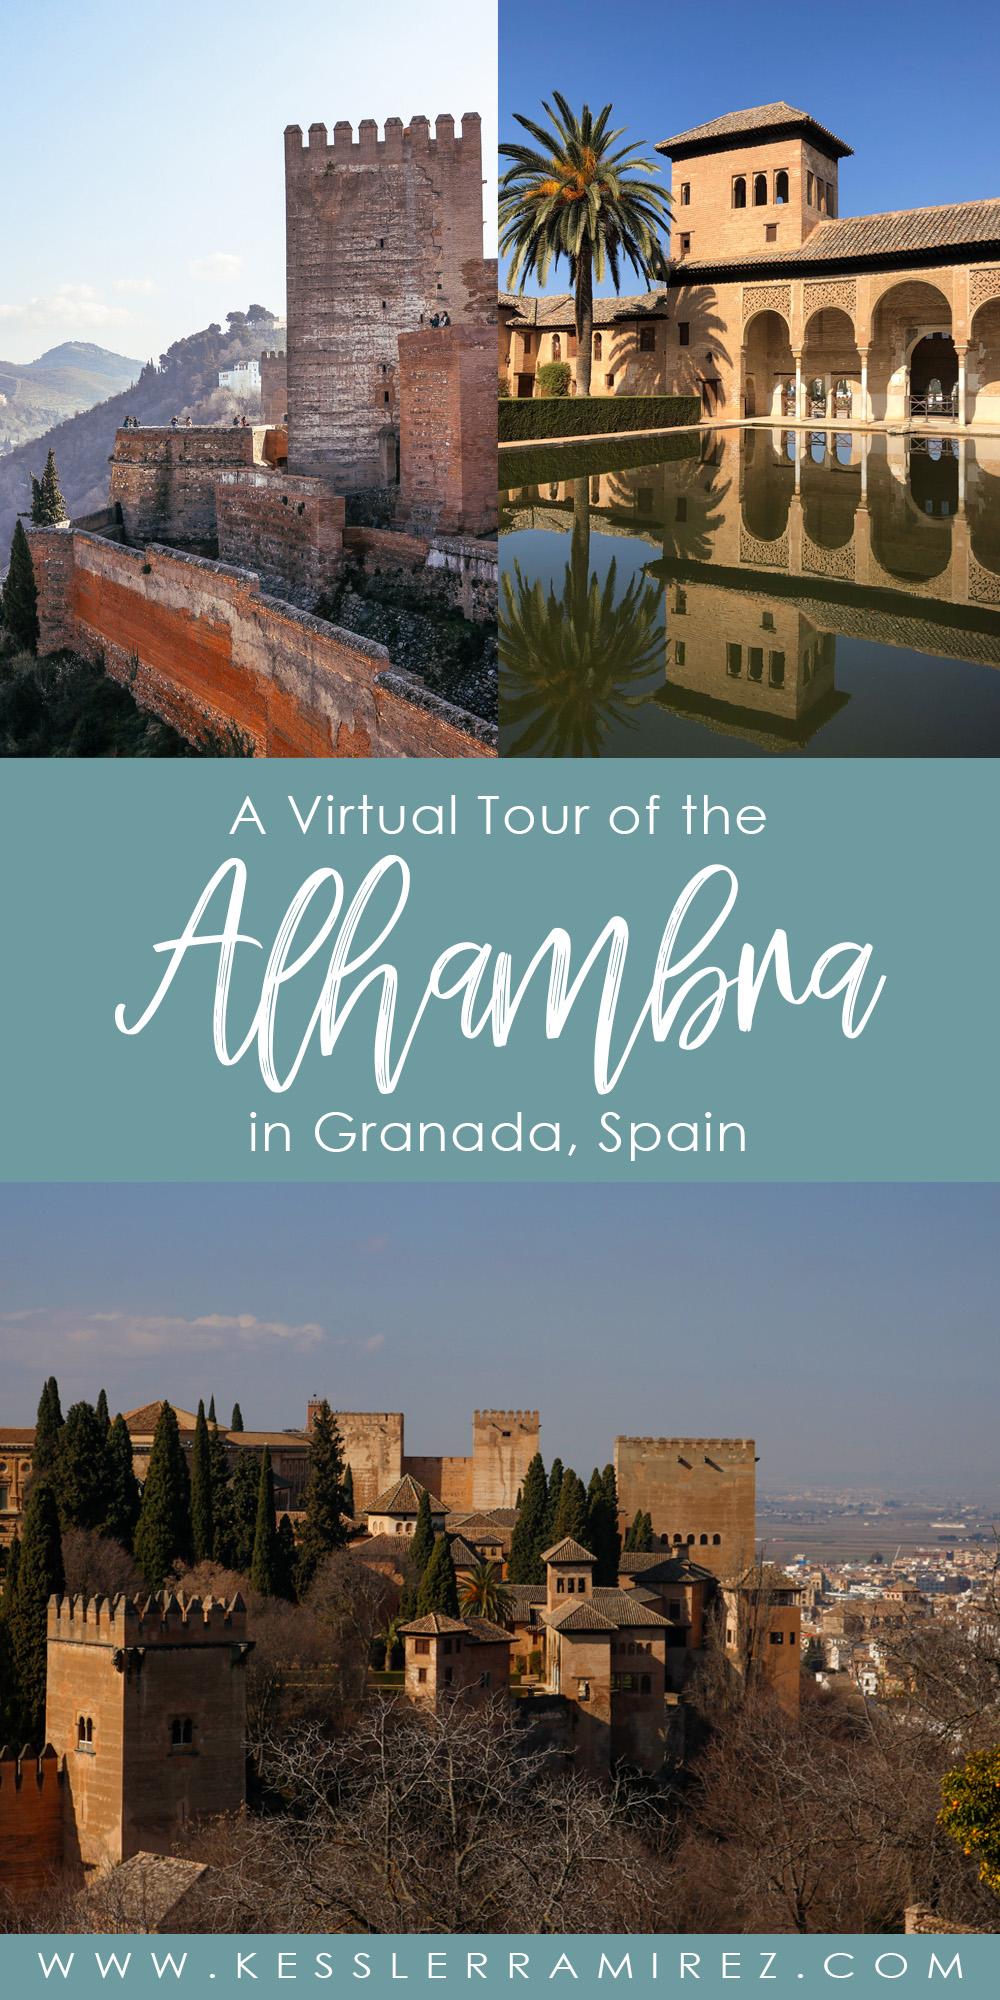 Visiting the Alhambra in Granada, Andaluisa, Spain